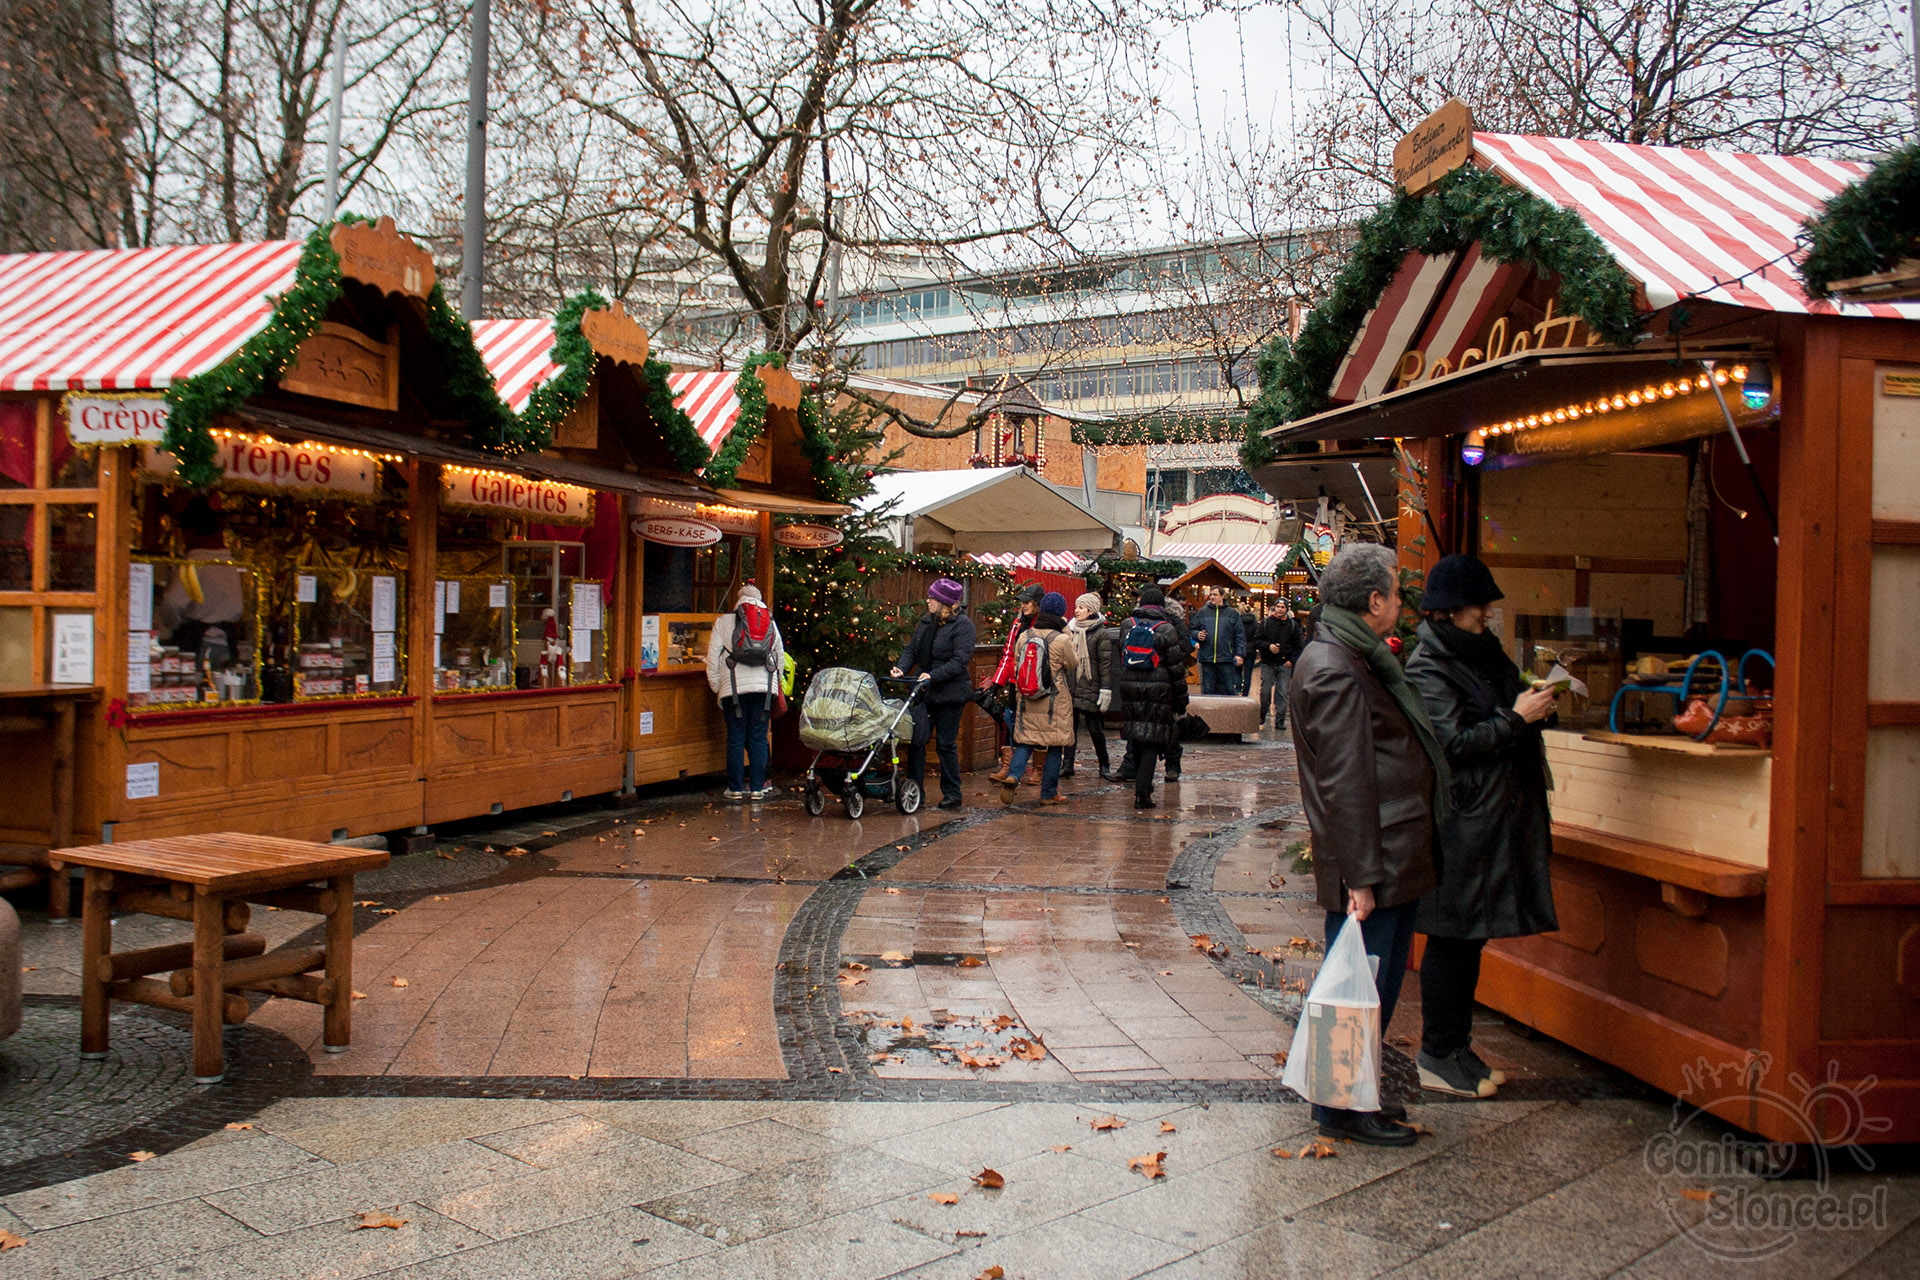 Stragany ze świątecznymi przysmakami, Jarmark w Berlinie